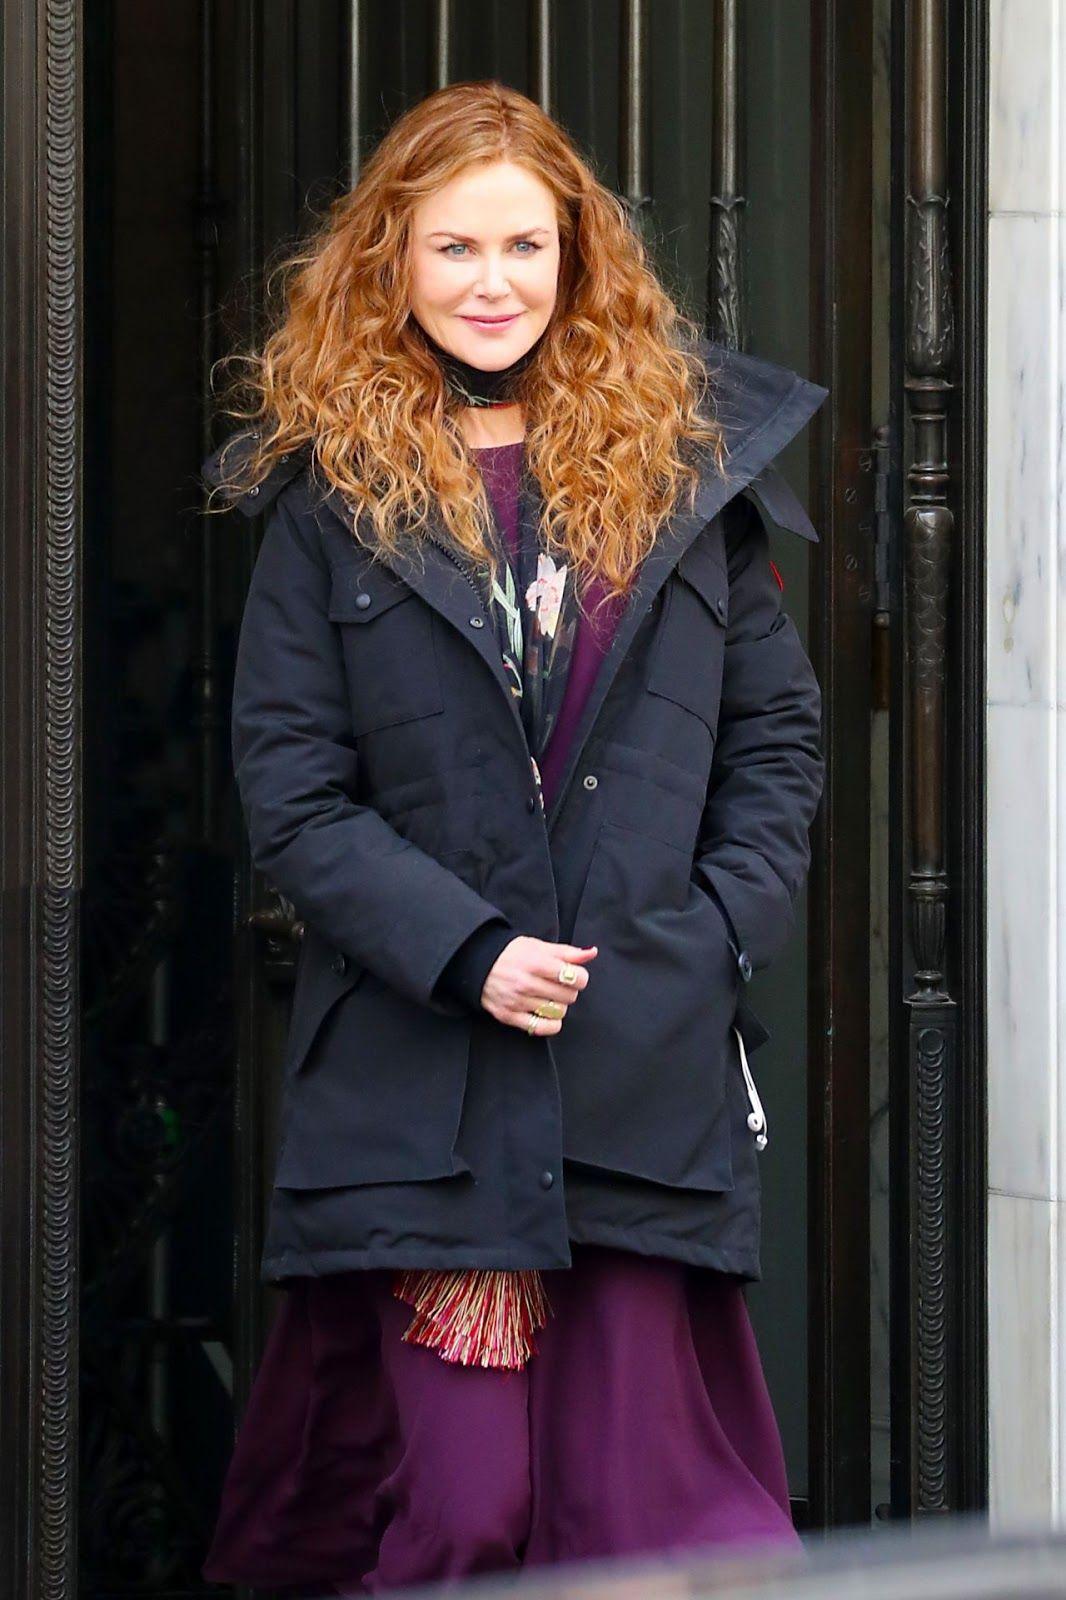 Nicole Kidman The Undoing Set In Nyc 03 14 2019 Nicole Kidman Nicole Fashion